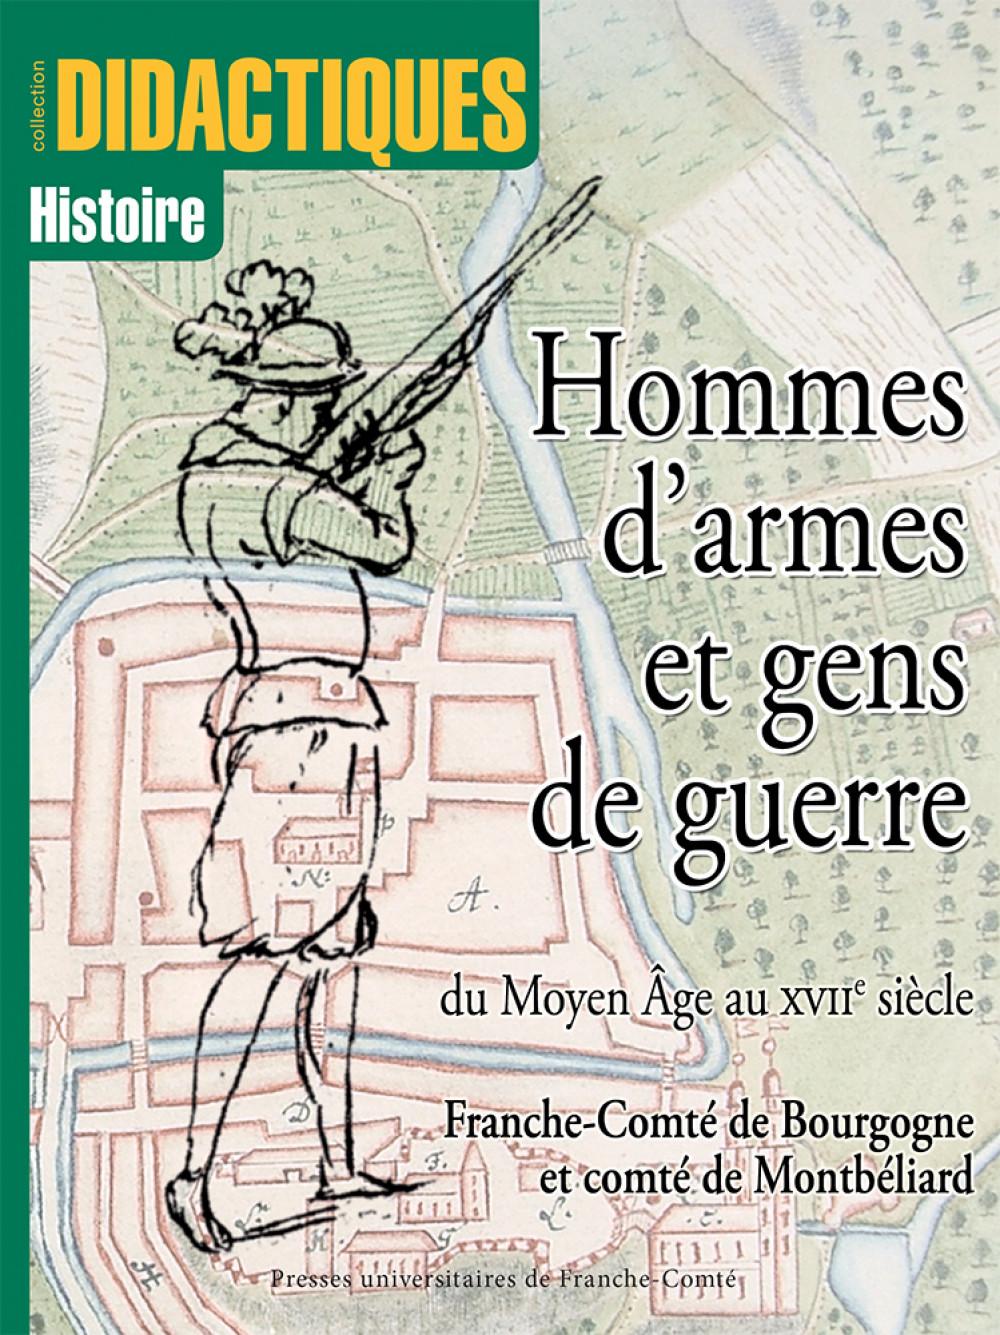 """Hommes d'armes et gens de guerre du Moyen-Âge au <span style=""""font-variant: small-caps"""">XVII</span><sup>e</sup> siècle"""